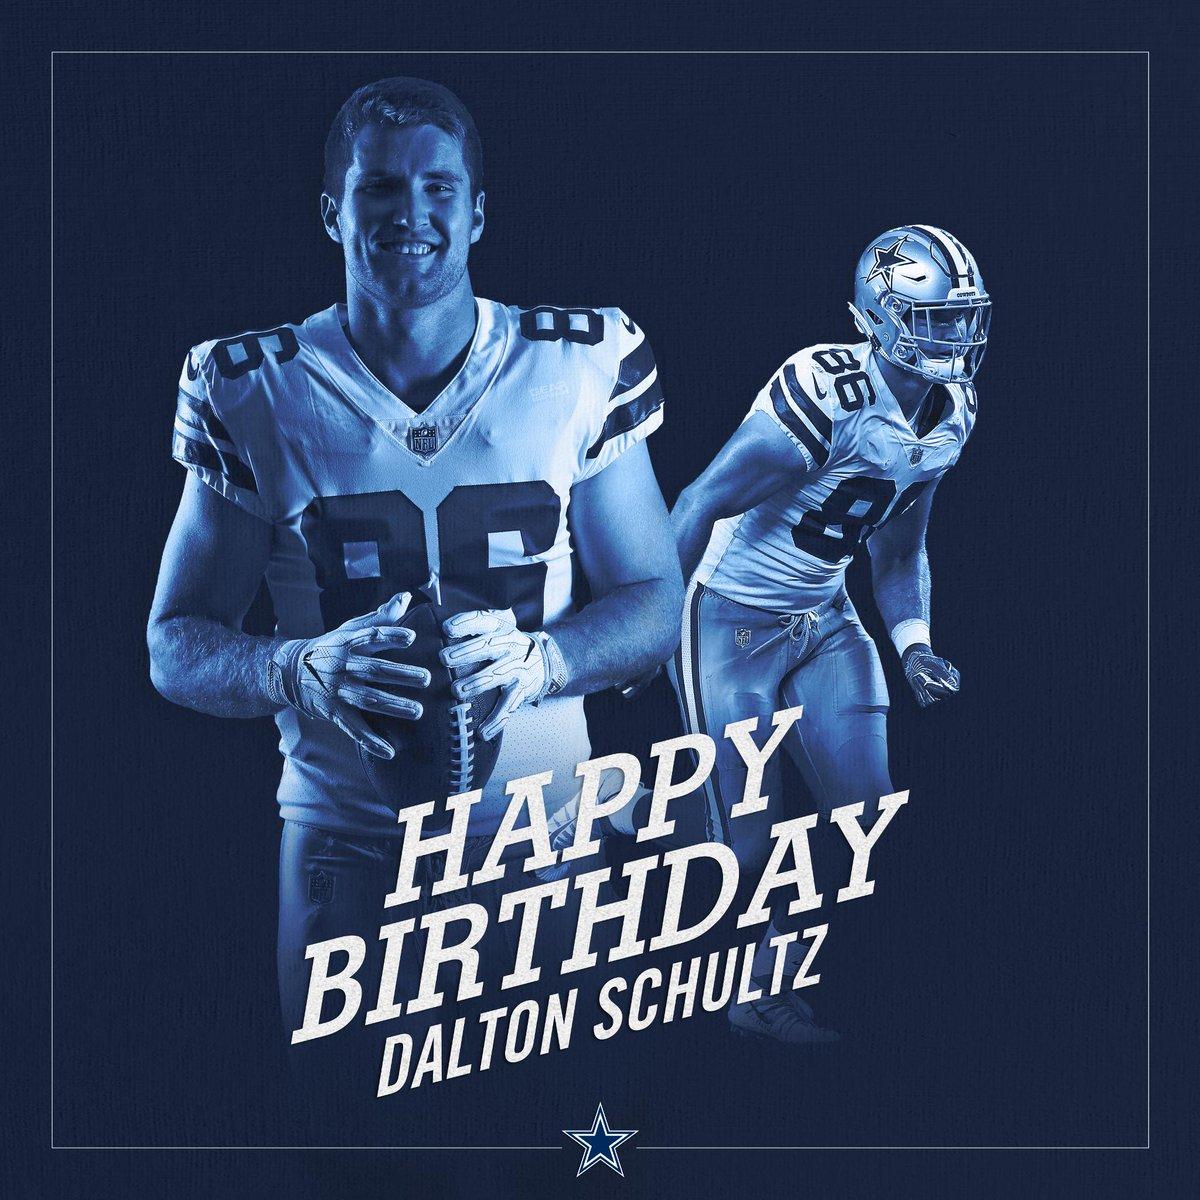 Dallas Cowboys @dallascowboys